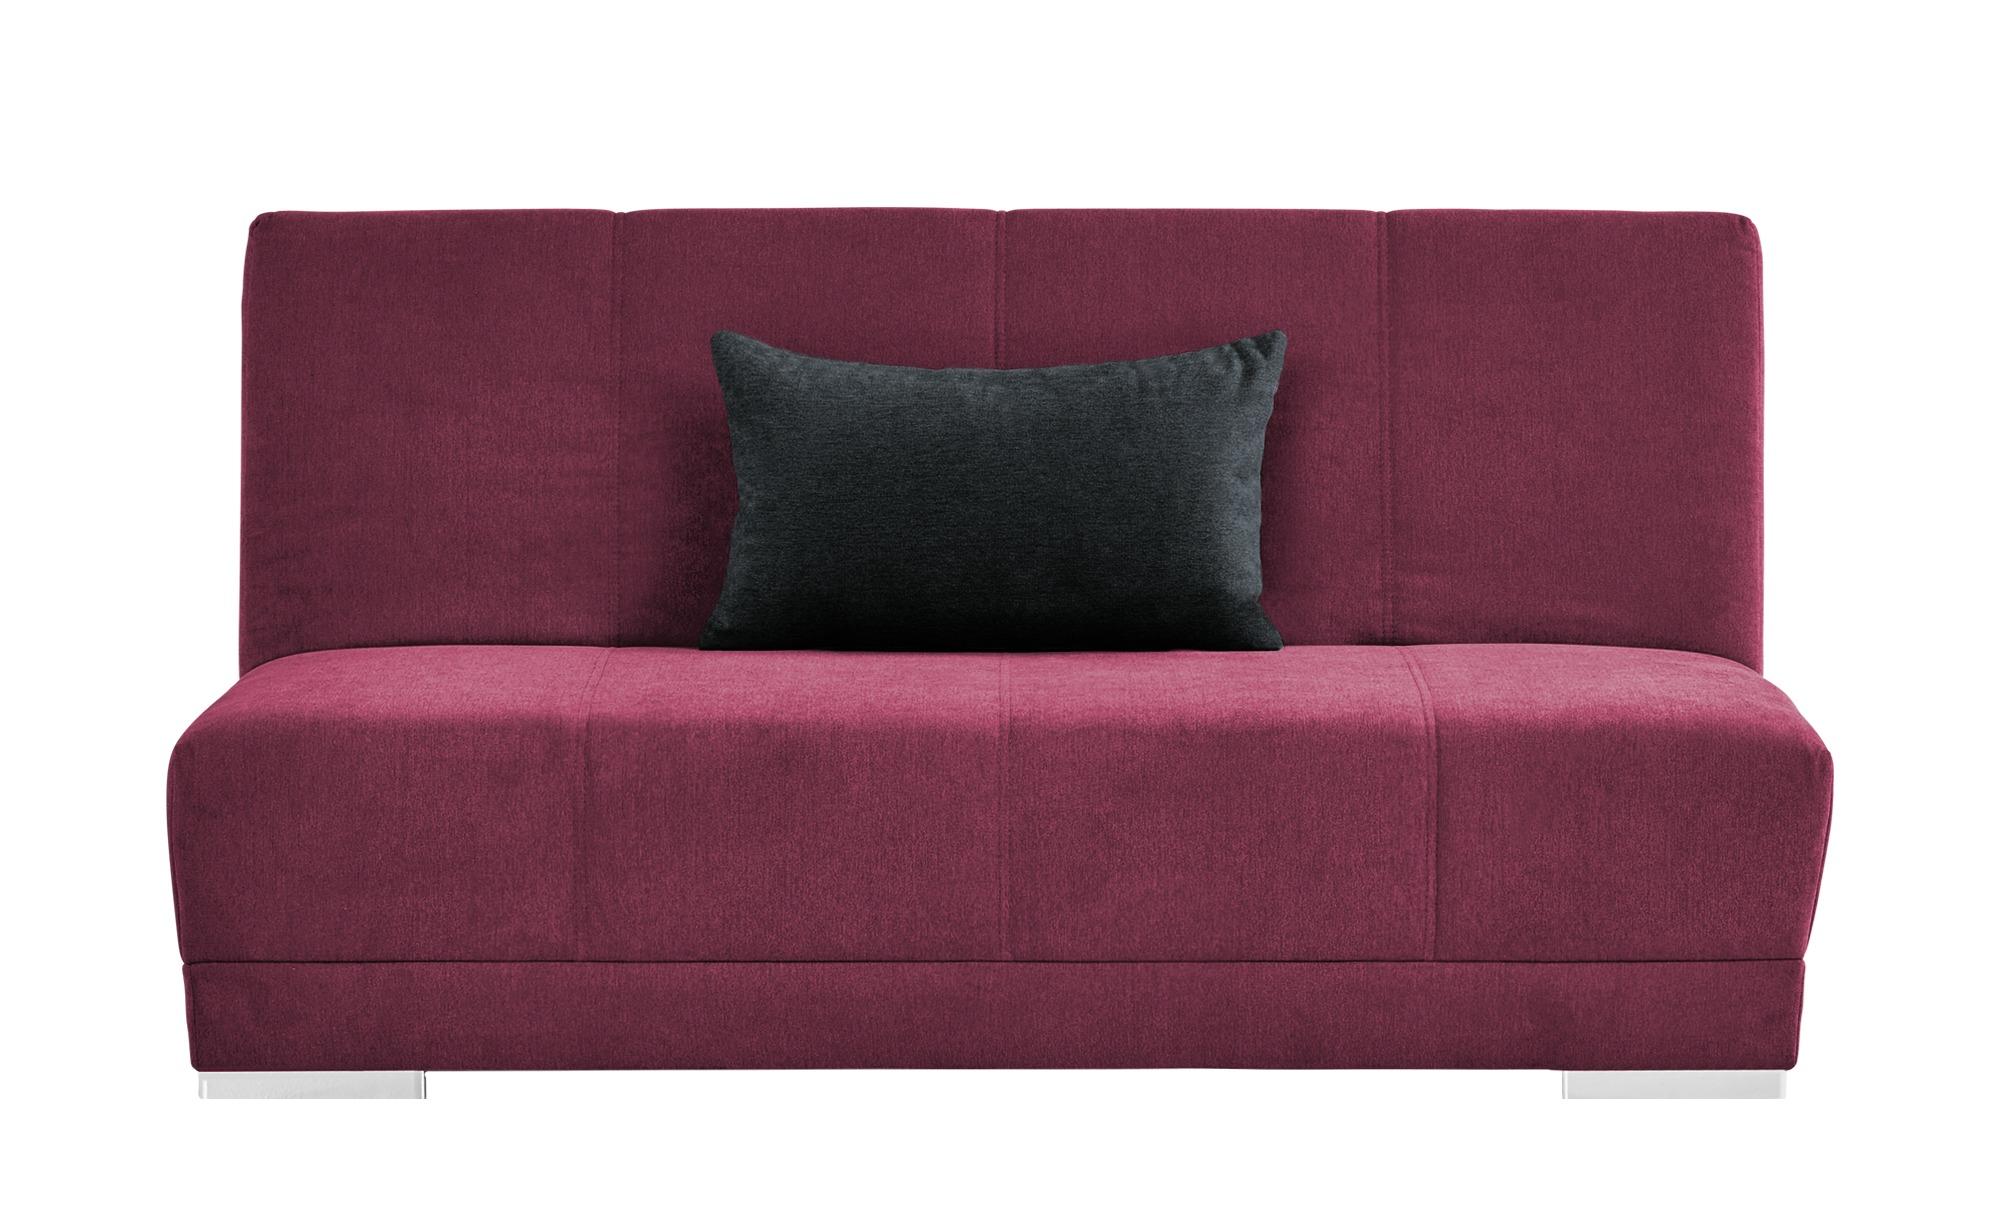 smart schlafsofa emmelie breite 140 cm h he 86 cm rot online kaufen bei woonio. Black Bedroom Furniture Sets. Home Design Ideas